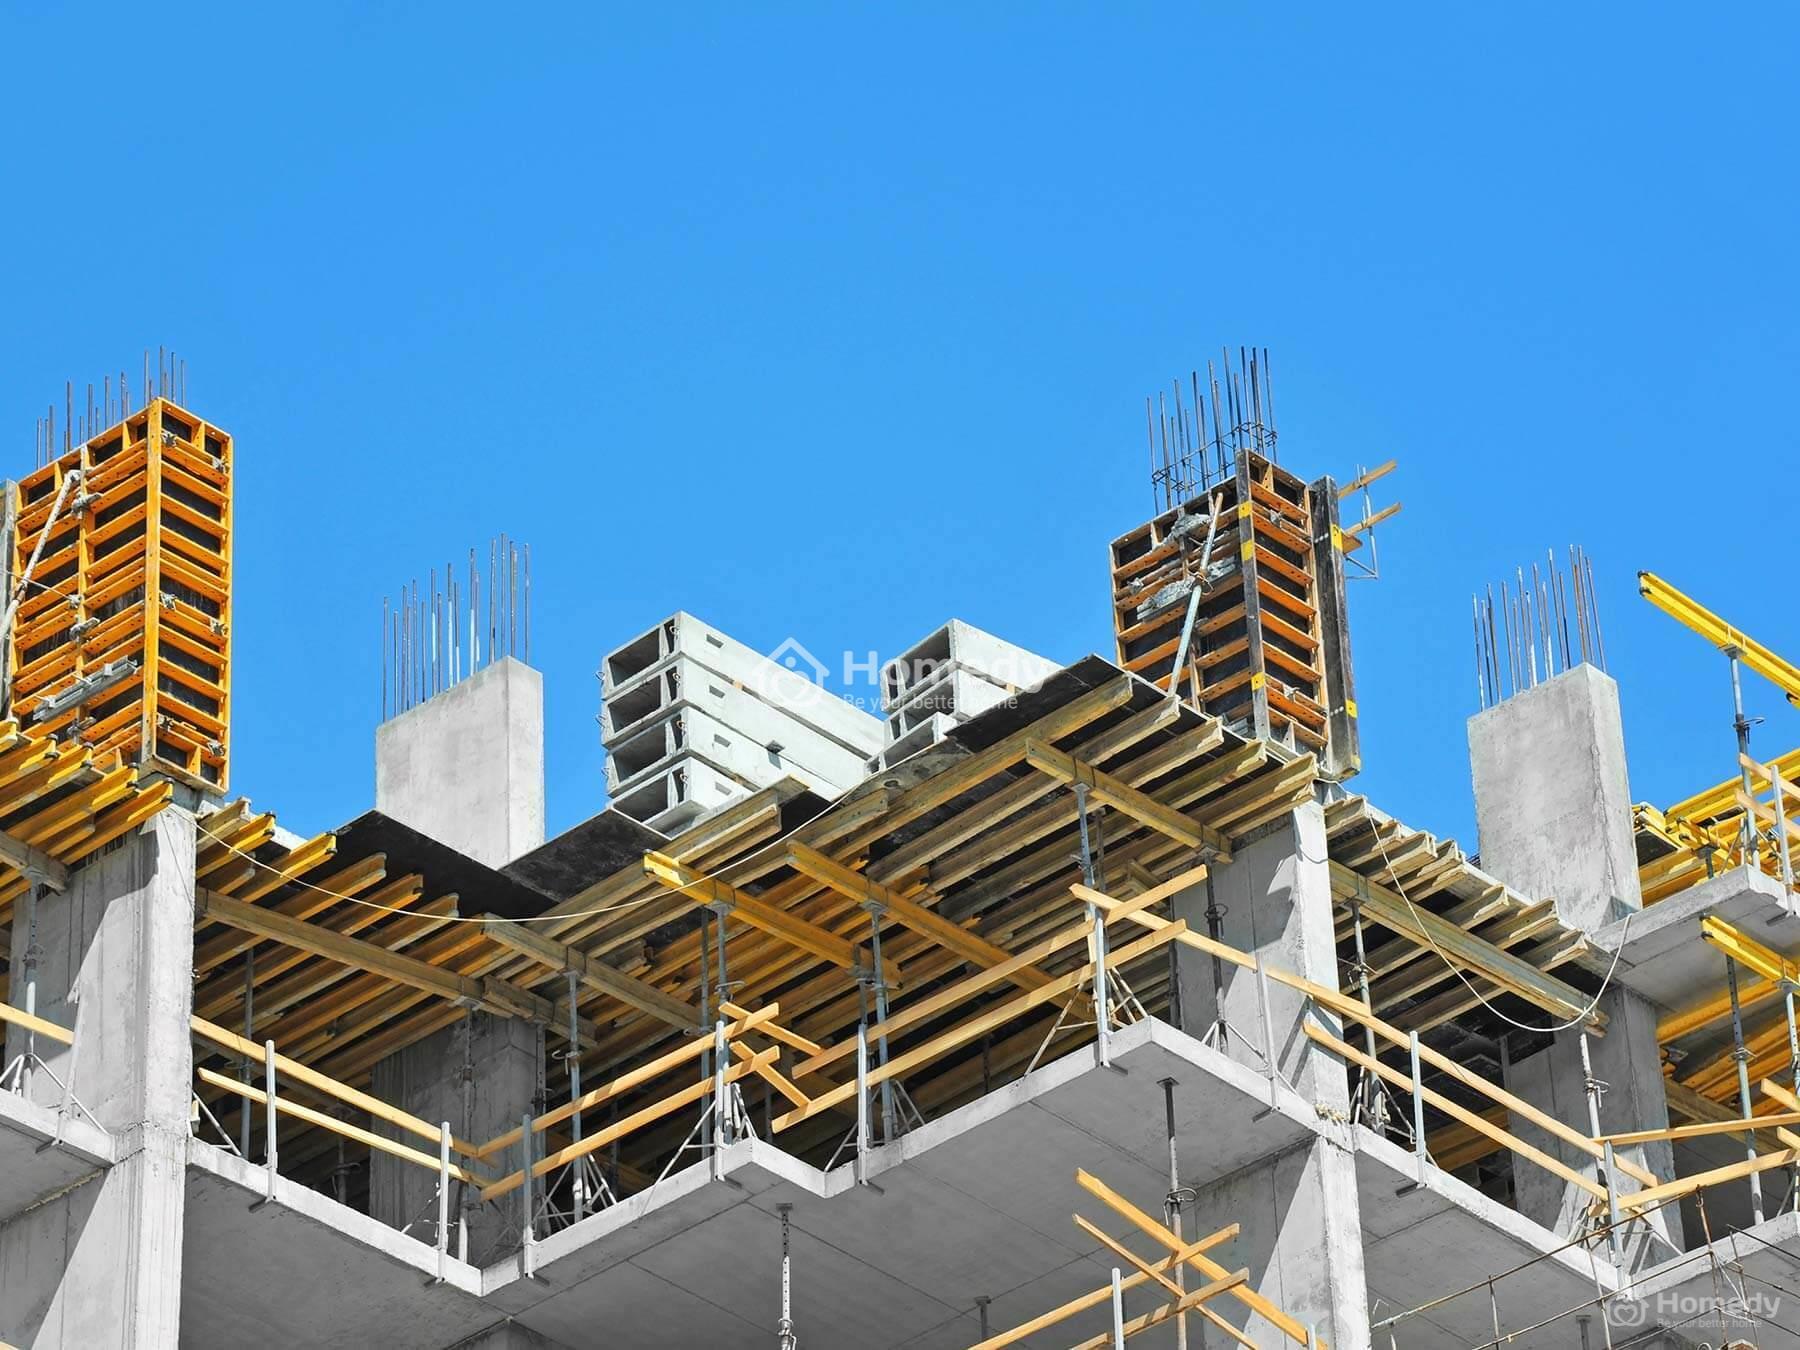 Mỗi công trình được xác định cấp dựa theo nhiều tiêu chí